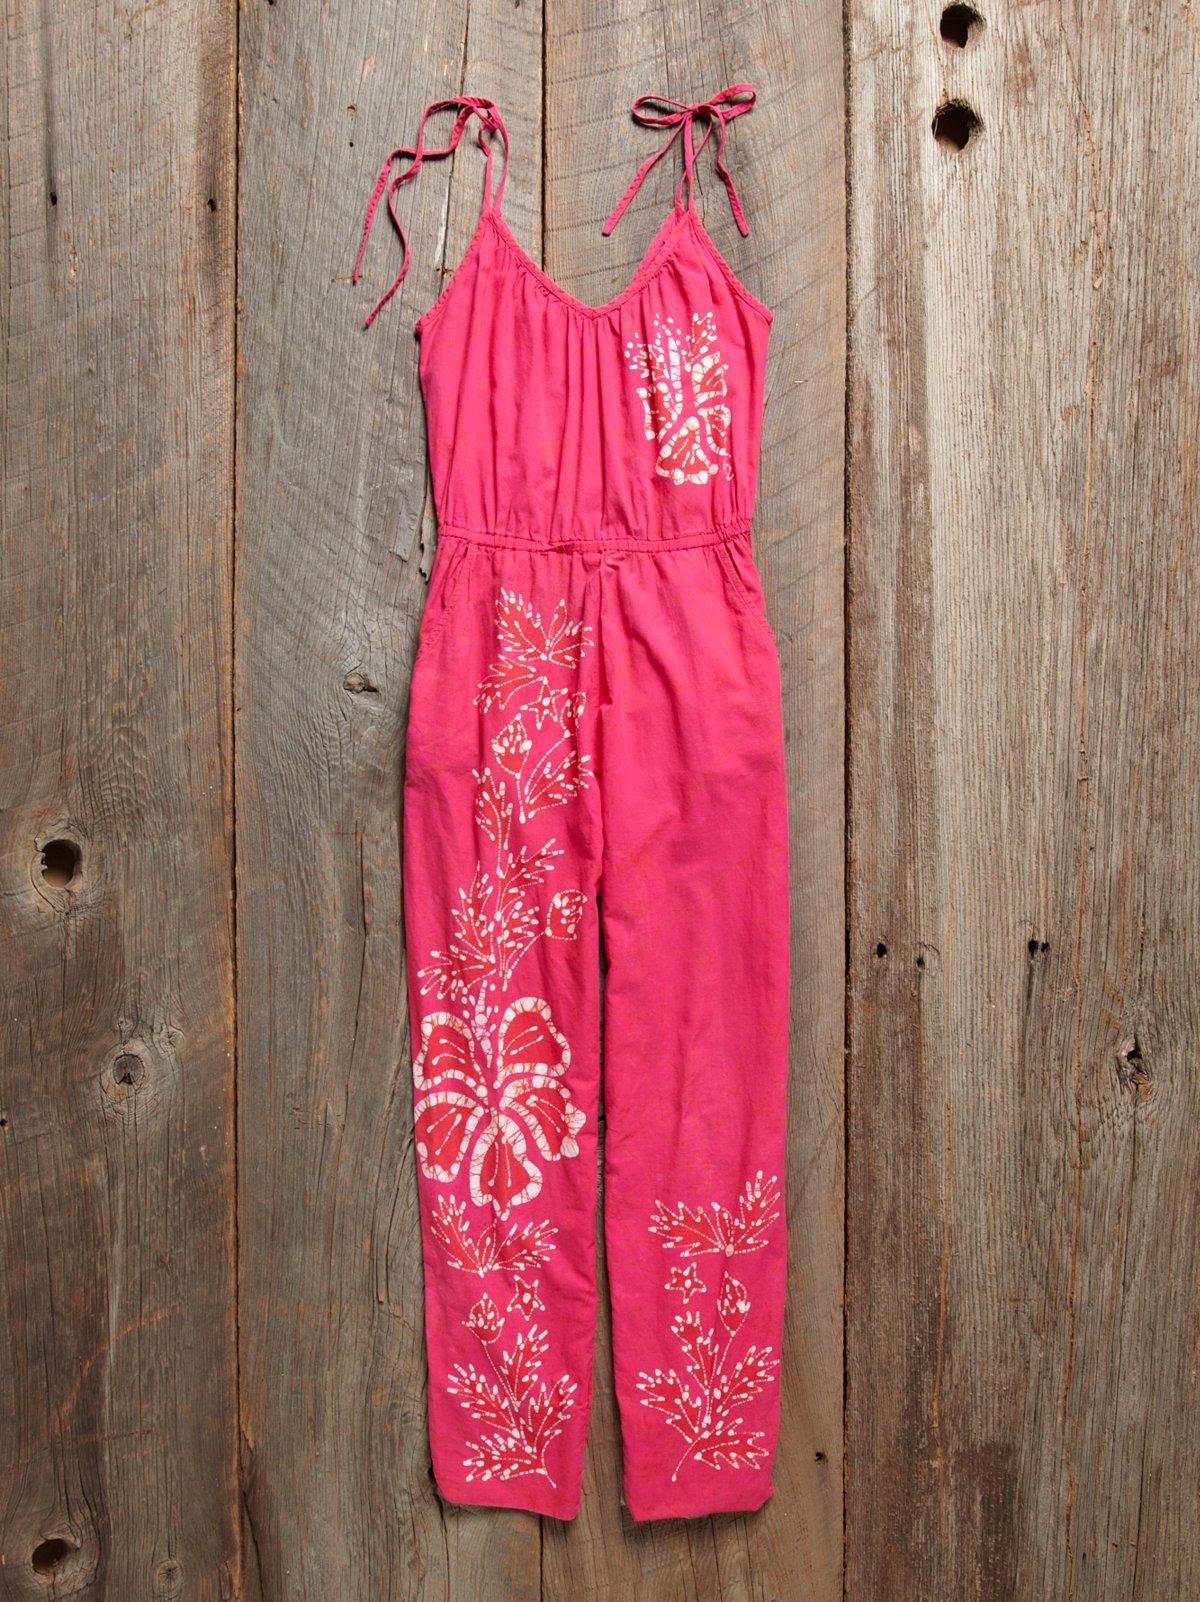 Vintage 1980s Cotton Jumpsuit